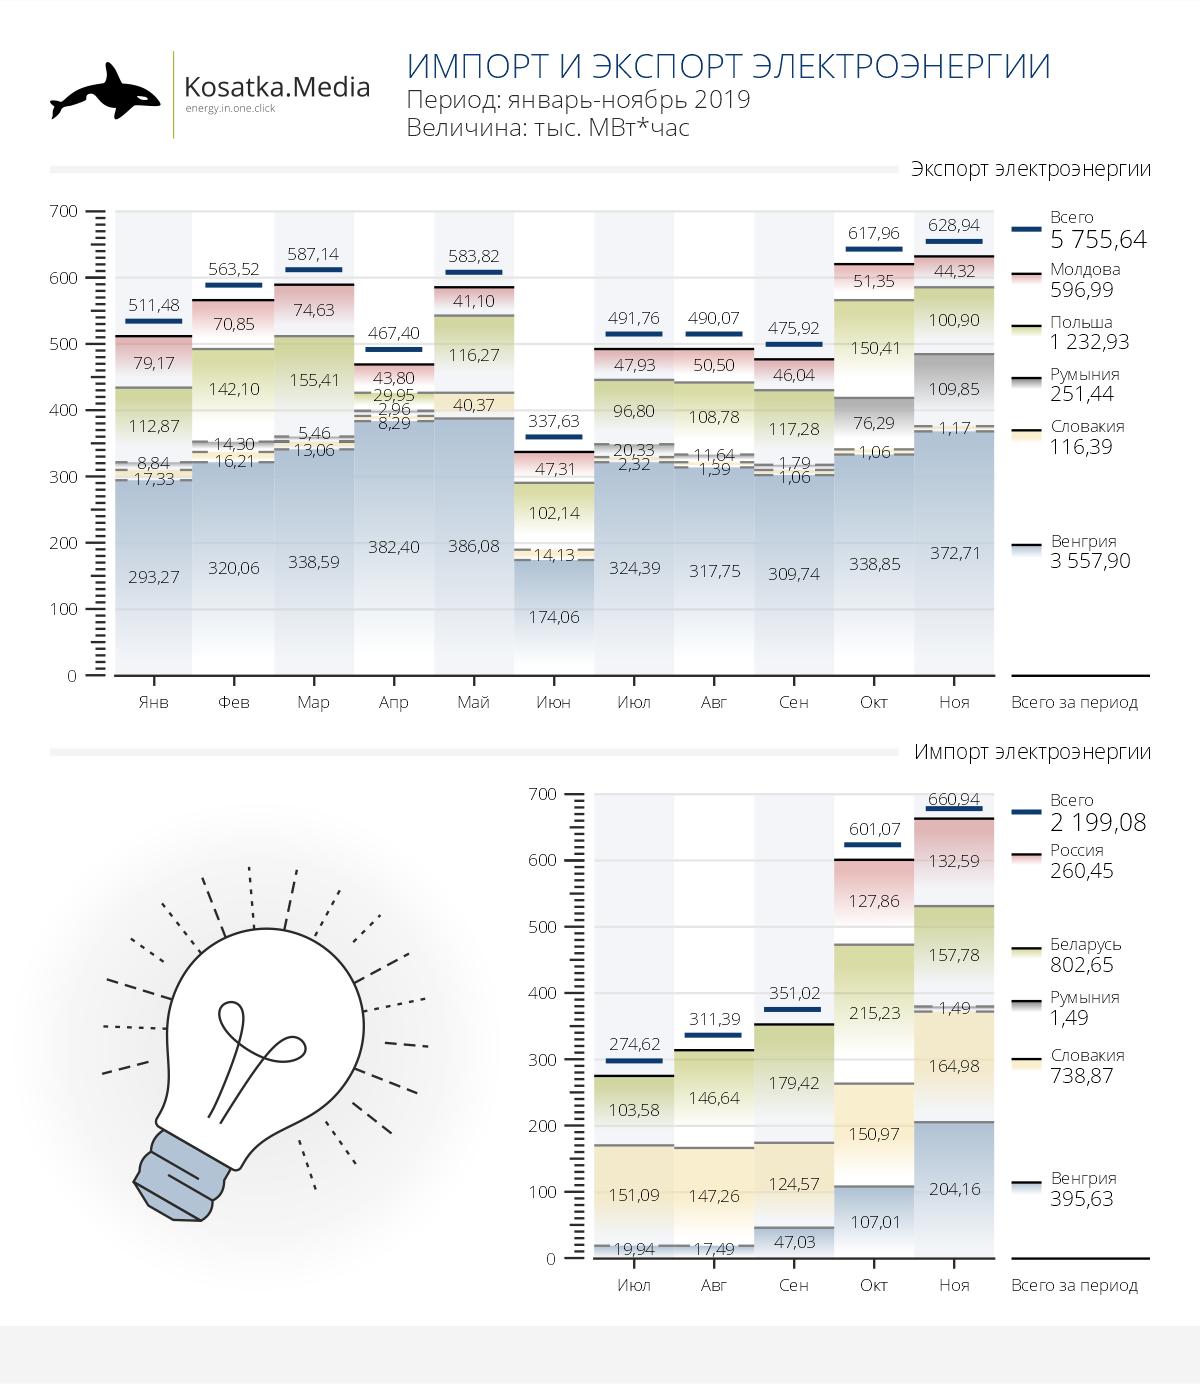 Импорт электроэнергии в Украину достиг 81% от экспорта с момента открытия рынка